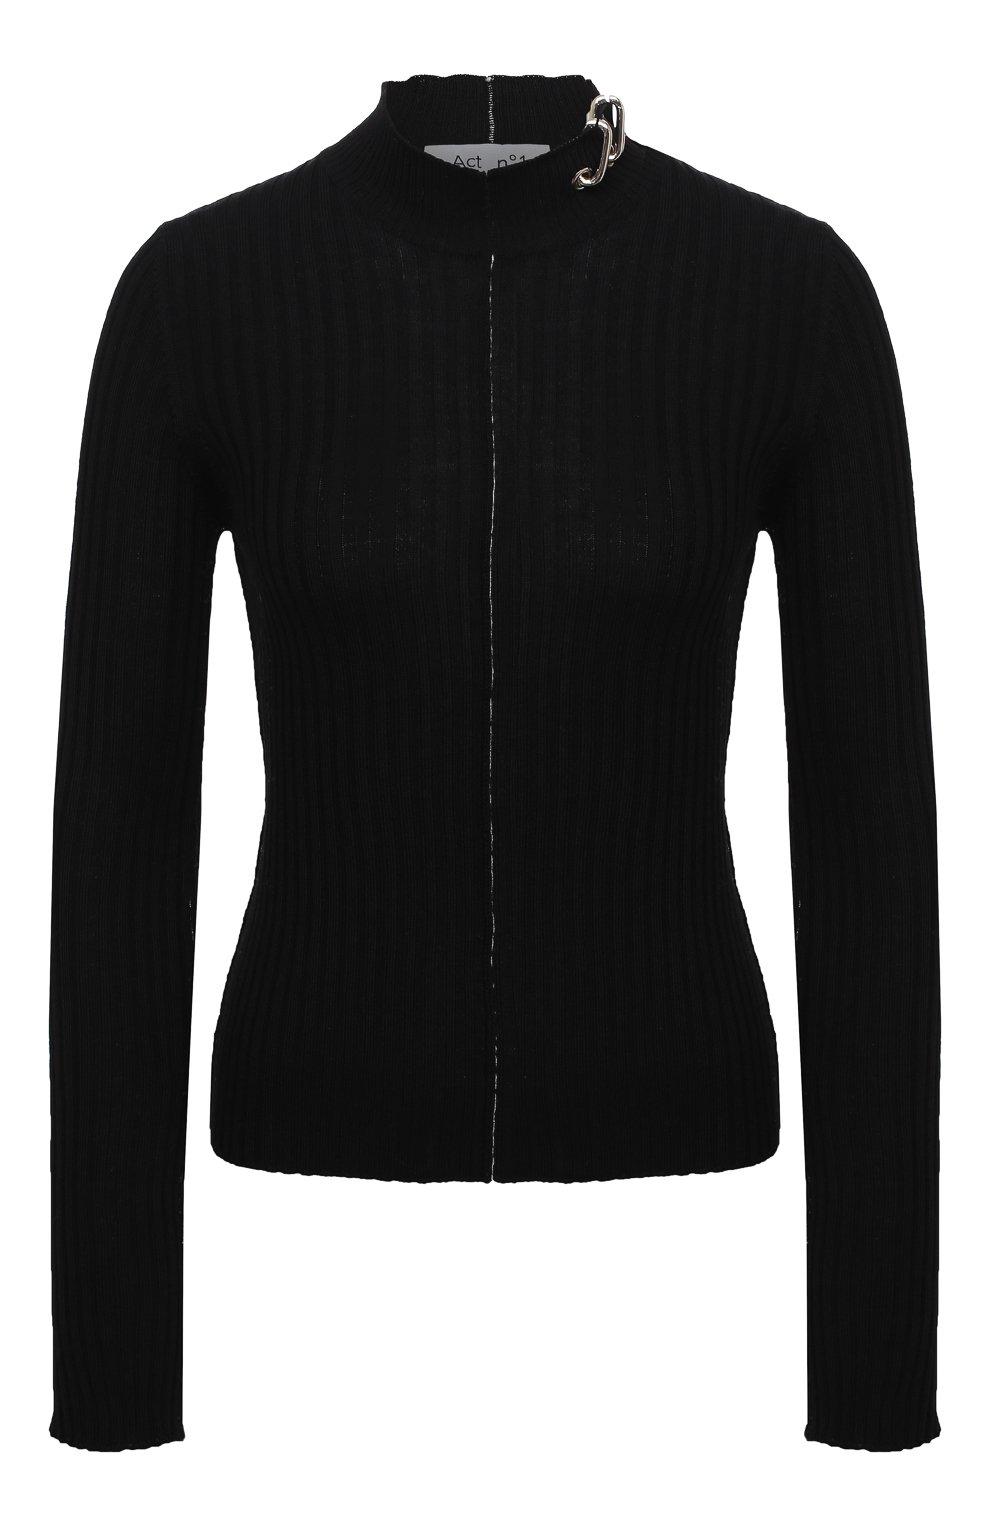 Женский шерстяной пуловер ACT N1 черного цвета, арт. PFK2003   Фото 1 (Материал внешний: Шерсть; Рукава: Длинные; Длина (для топов): Стандартные; Женское Кросс-КТ: Пуловер-одежда; Стили: Кэжуэл)